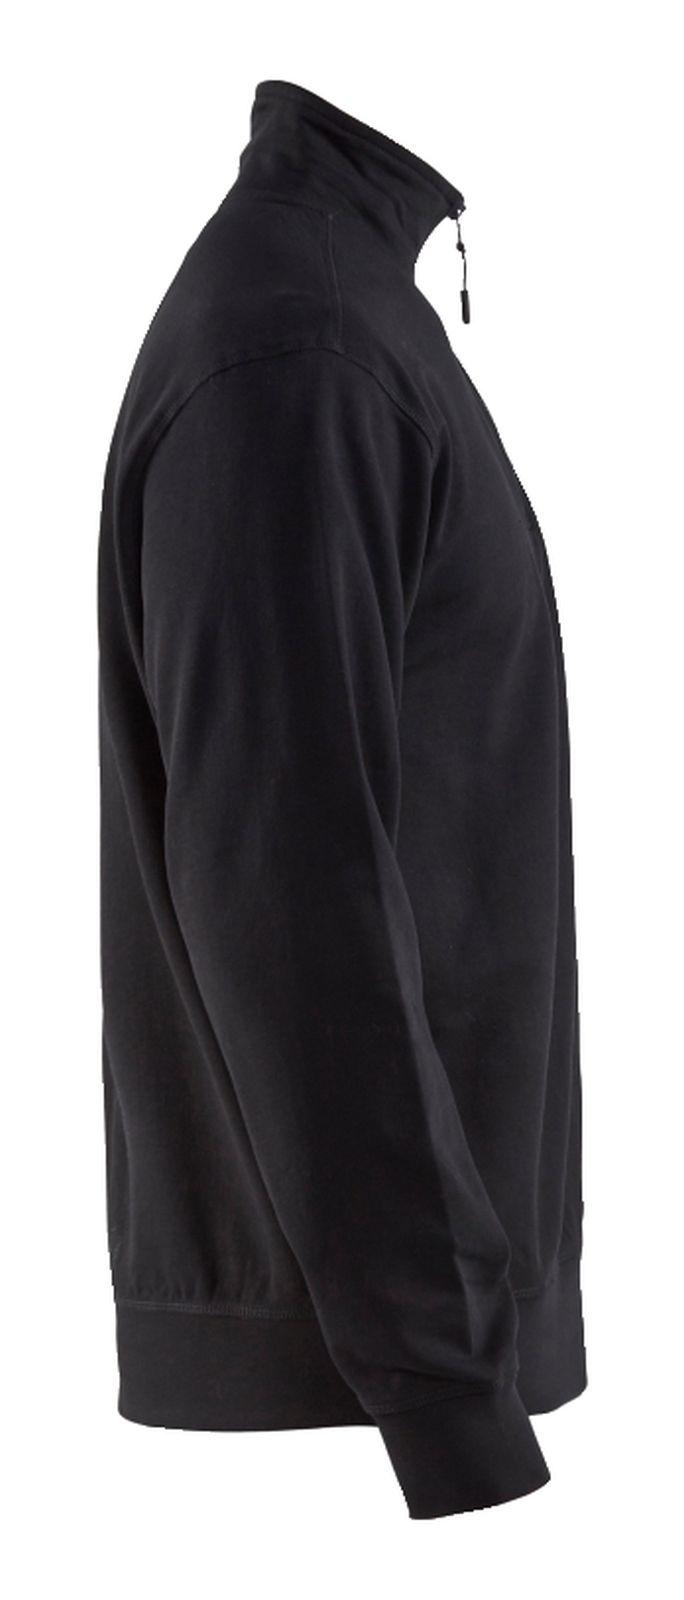 Blaklader Truien 33691158 zwart(9900)